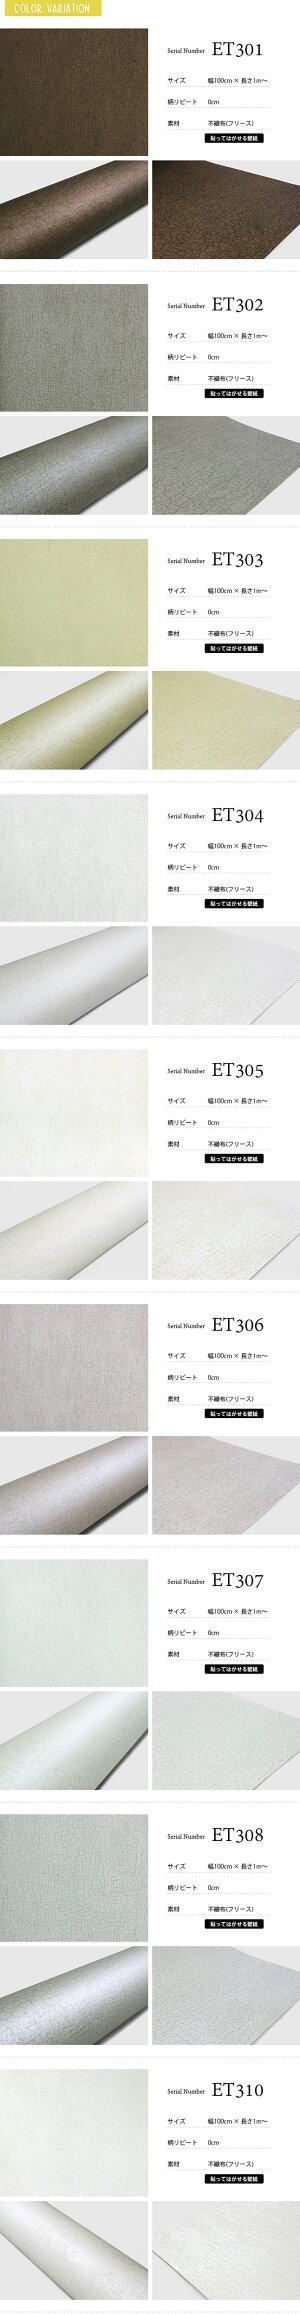 輸入壁紙ベルギー製輸入壁紙omexcoETERNITYフリース壁紙貼ってはがせる壁紙不織布壁紙DIY壁紙はがせる賃貸壁紙クラックひび割れ巾100cm×1m